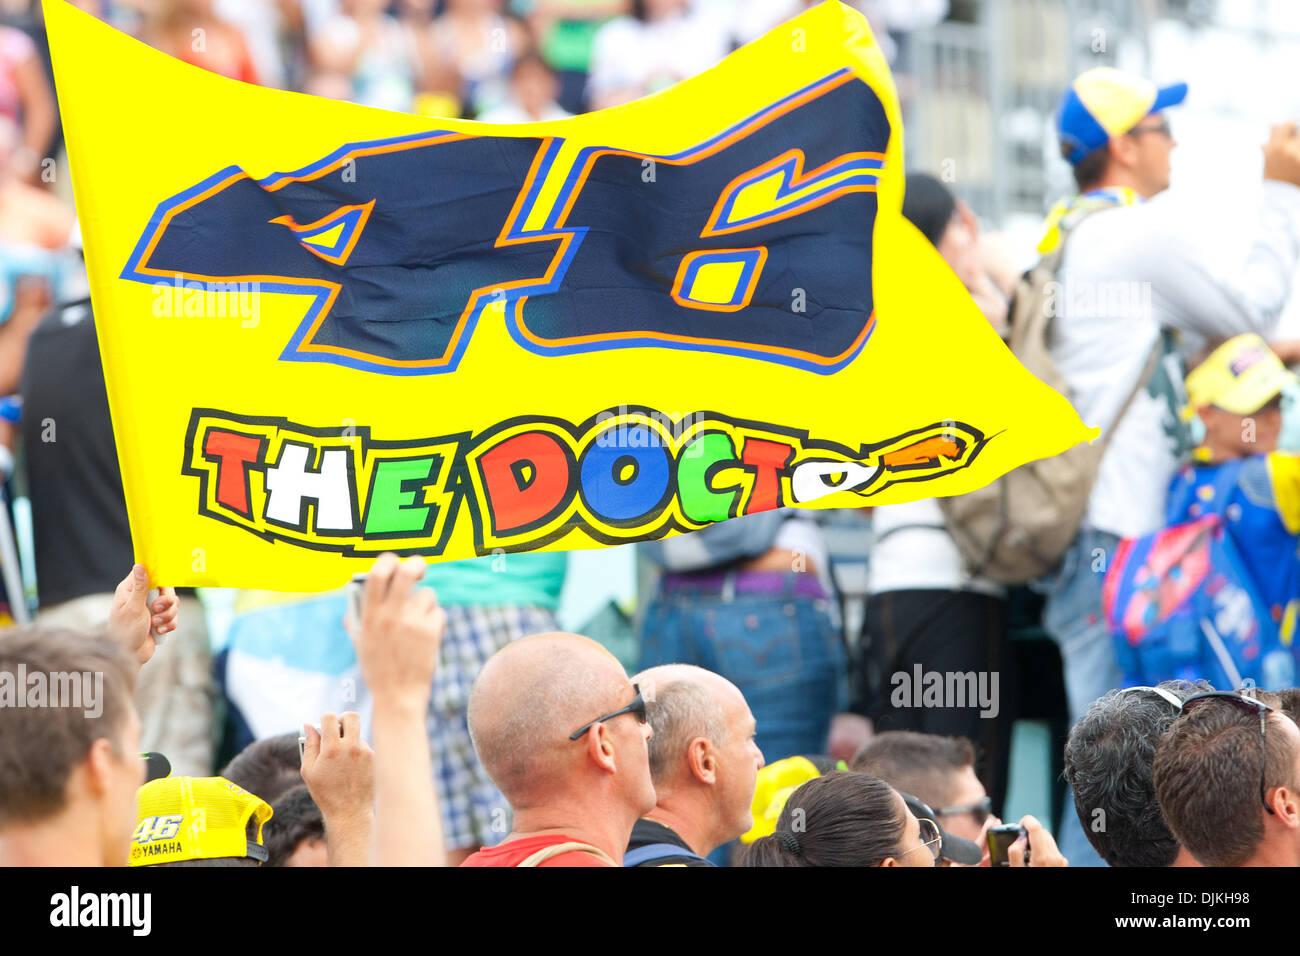 Sep. 07, 2010 - Misano Adriatico, Italy - Valentino Rossi fans at the San Marino GP in Misano Adriatico, Italy. (Credit Image: © Andrea Ranalli/Southcreek Global/ZUMApress.com) - Stock Image